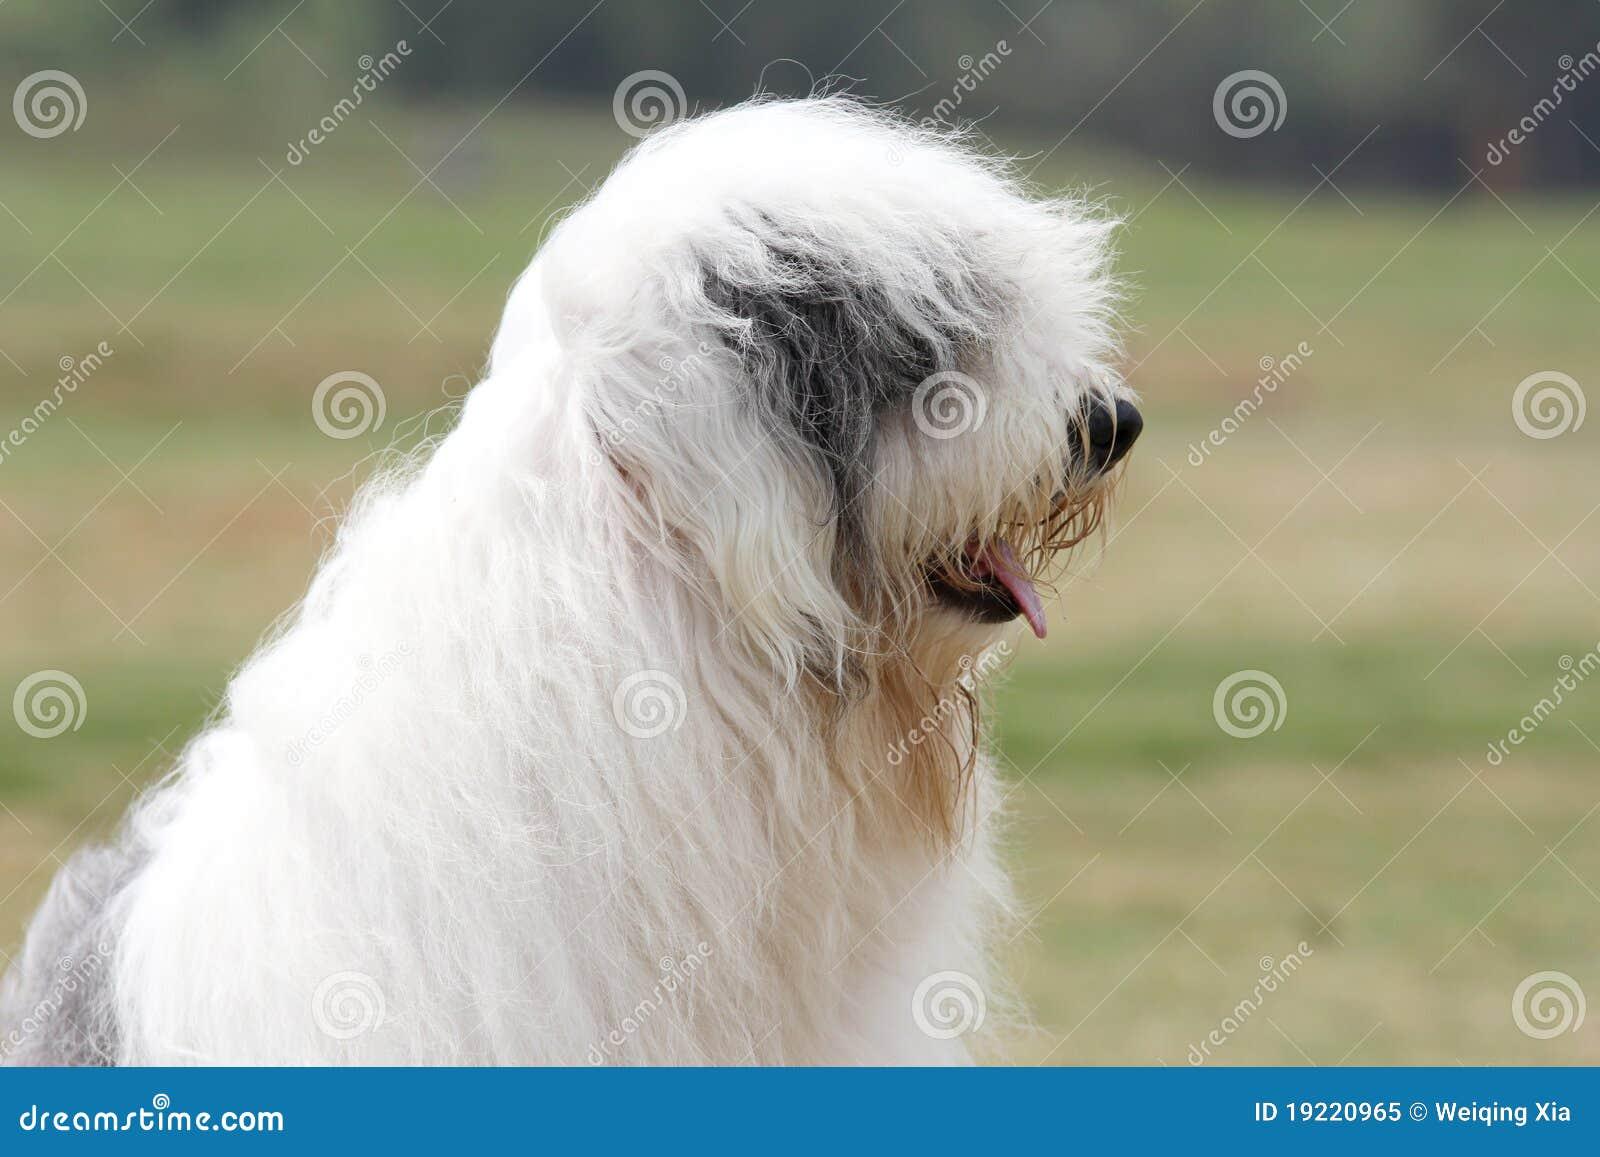 Oude Engelse herdershond